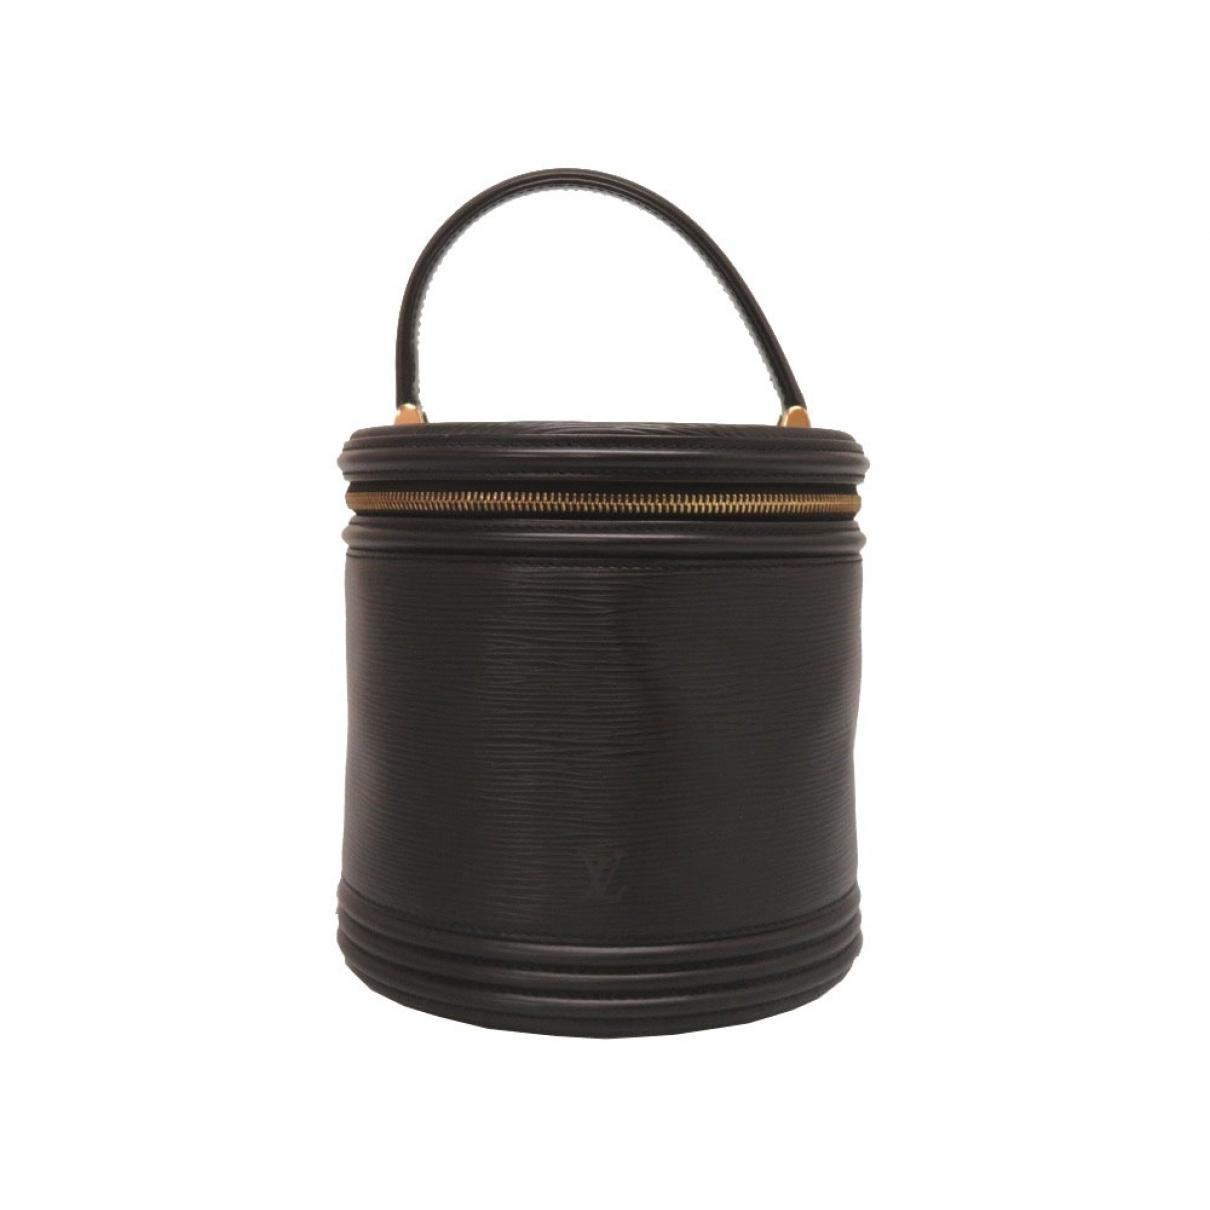 Louis Vuitton Cannes Handtasche in  Schwarz Leder